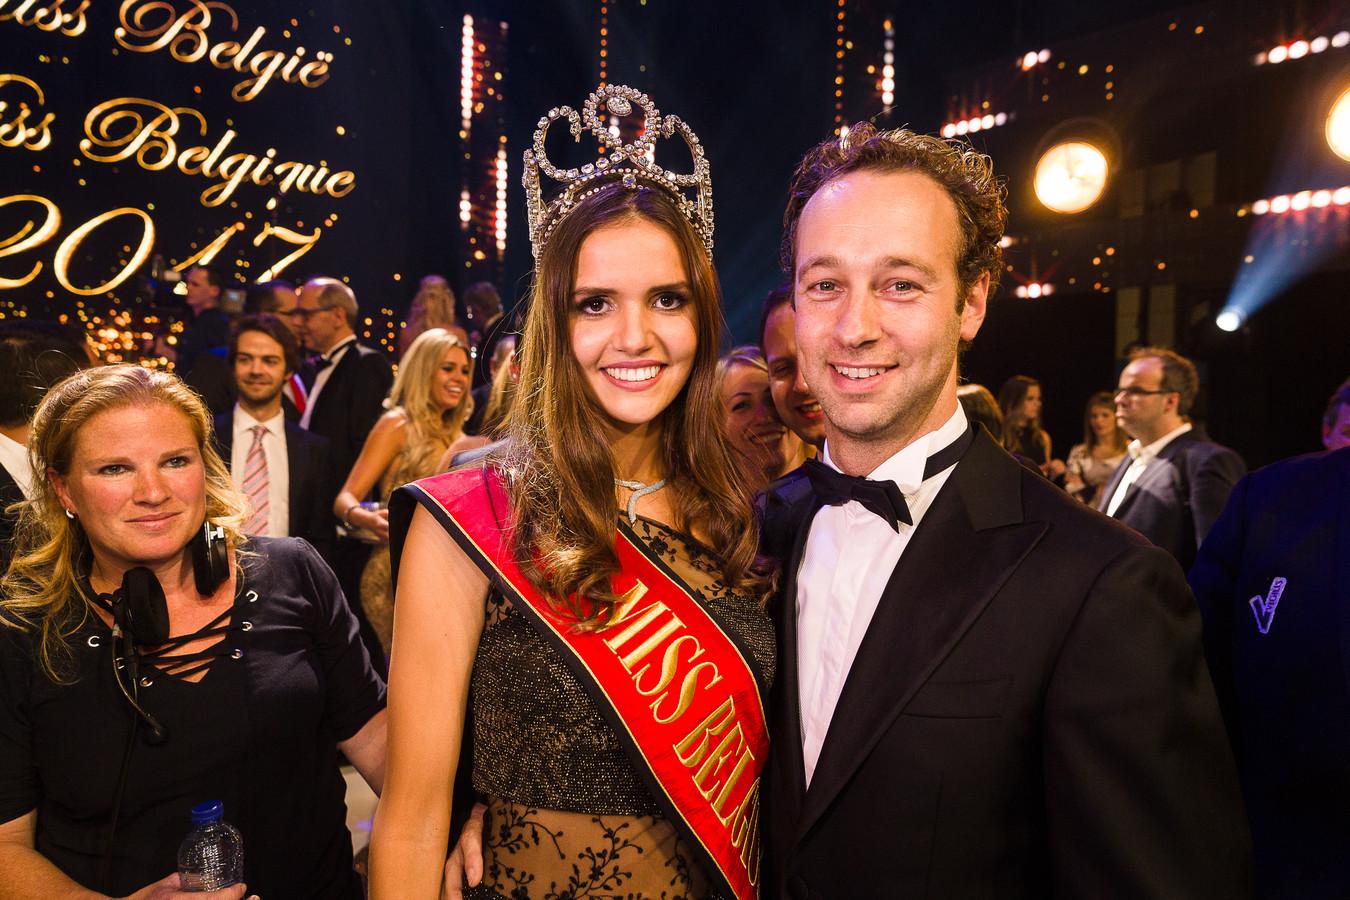 Ex-Miss België Romanie Schotte met haar vriend Stefan Talpe (broer van Louis Talpe)